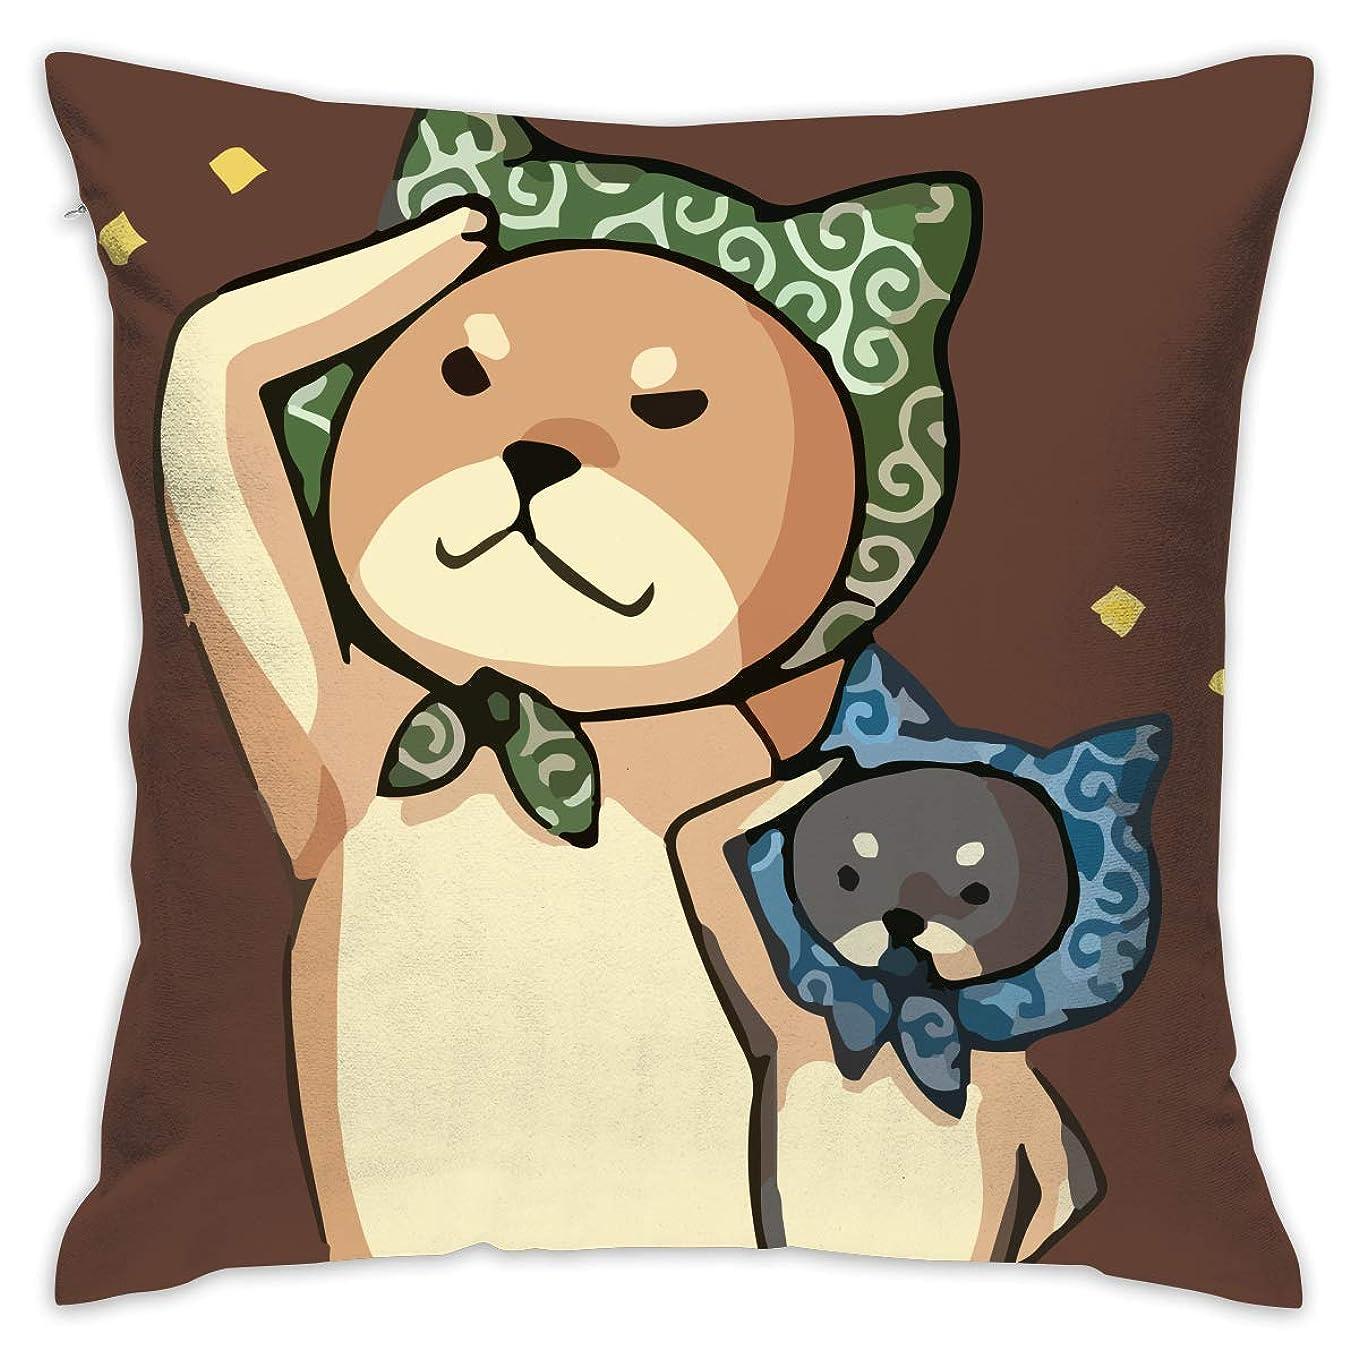 プールだます一掃する?柴犬まる 敬礼 ペット 可愛い オリジナル 抱き枕 クッション 座布団 柔らかい 低反発 オフィスにもピッタリ 中身:綿 ギフト プレゼント 45*45cm